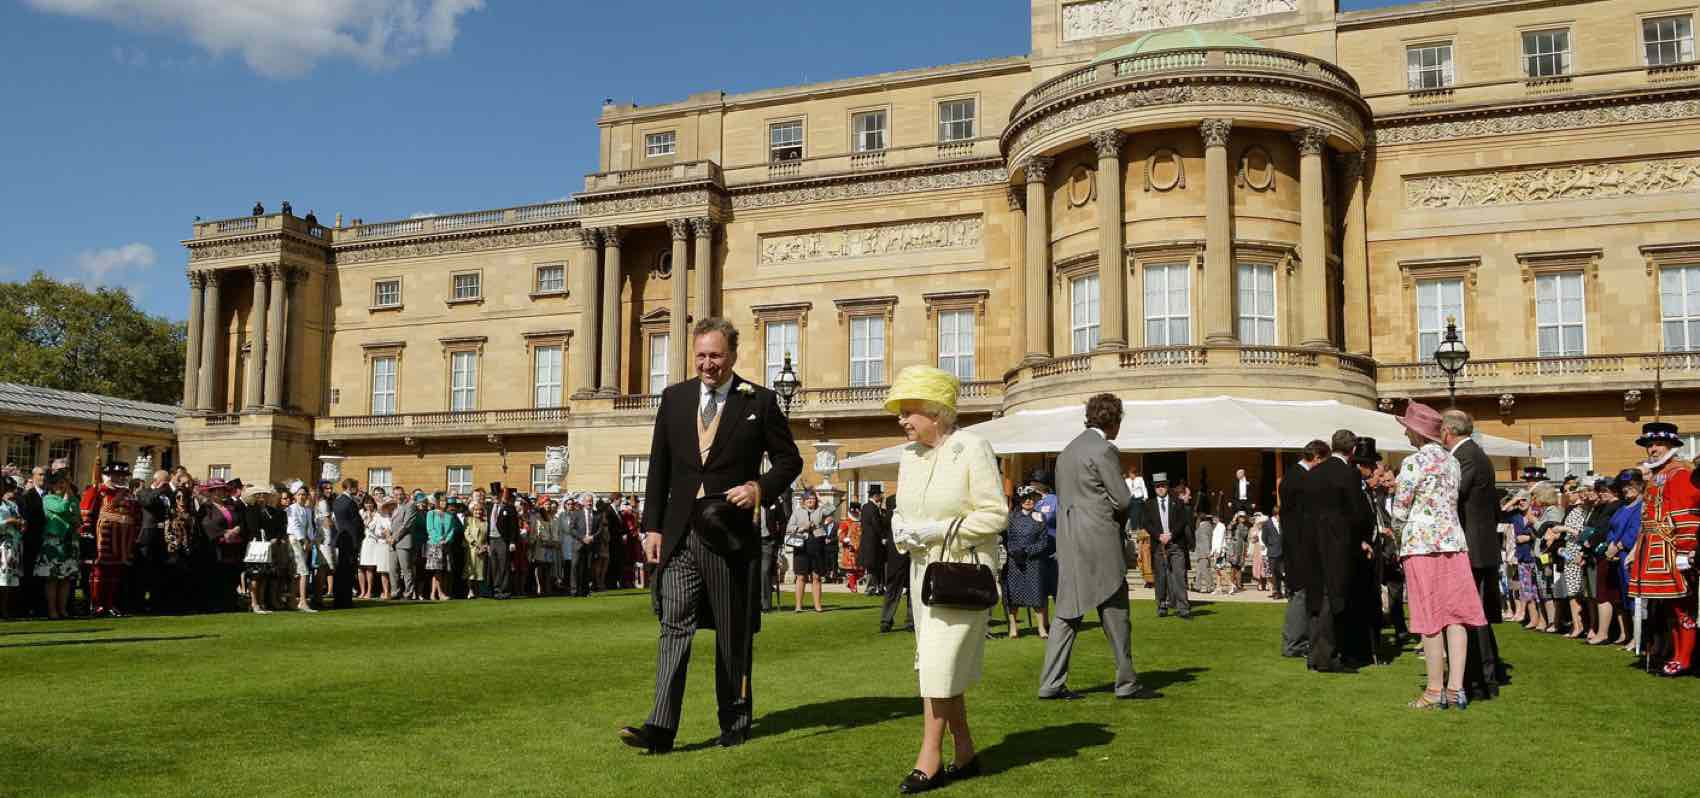 På kongelig vandring i hagen til Buckingham Palace med dronningen som vertinne